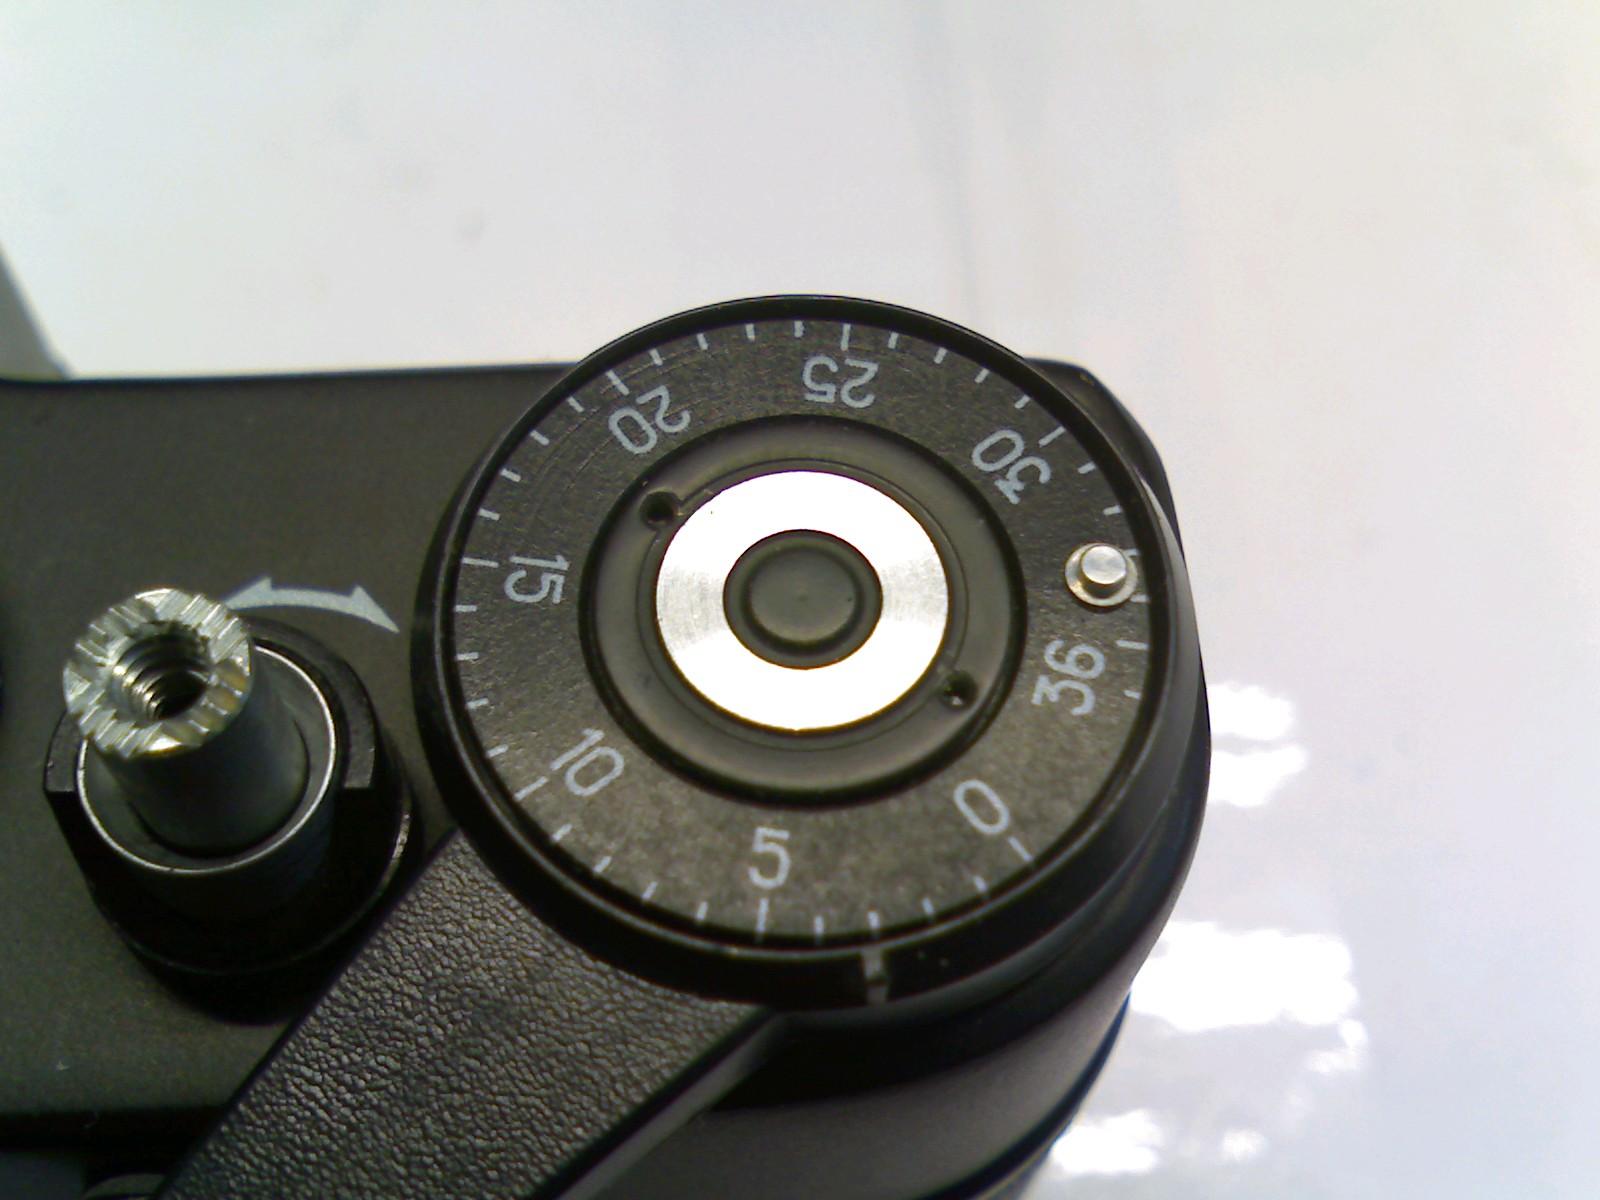 Можно починить фотоаппарат зенит замена стекла на телефоне филипс xenium 513 цена